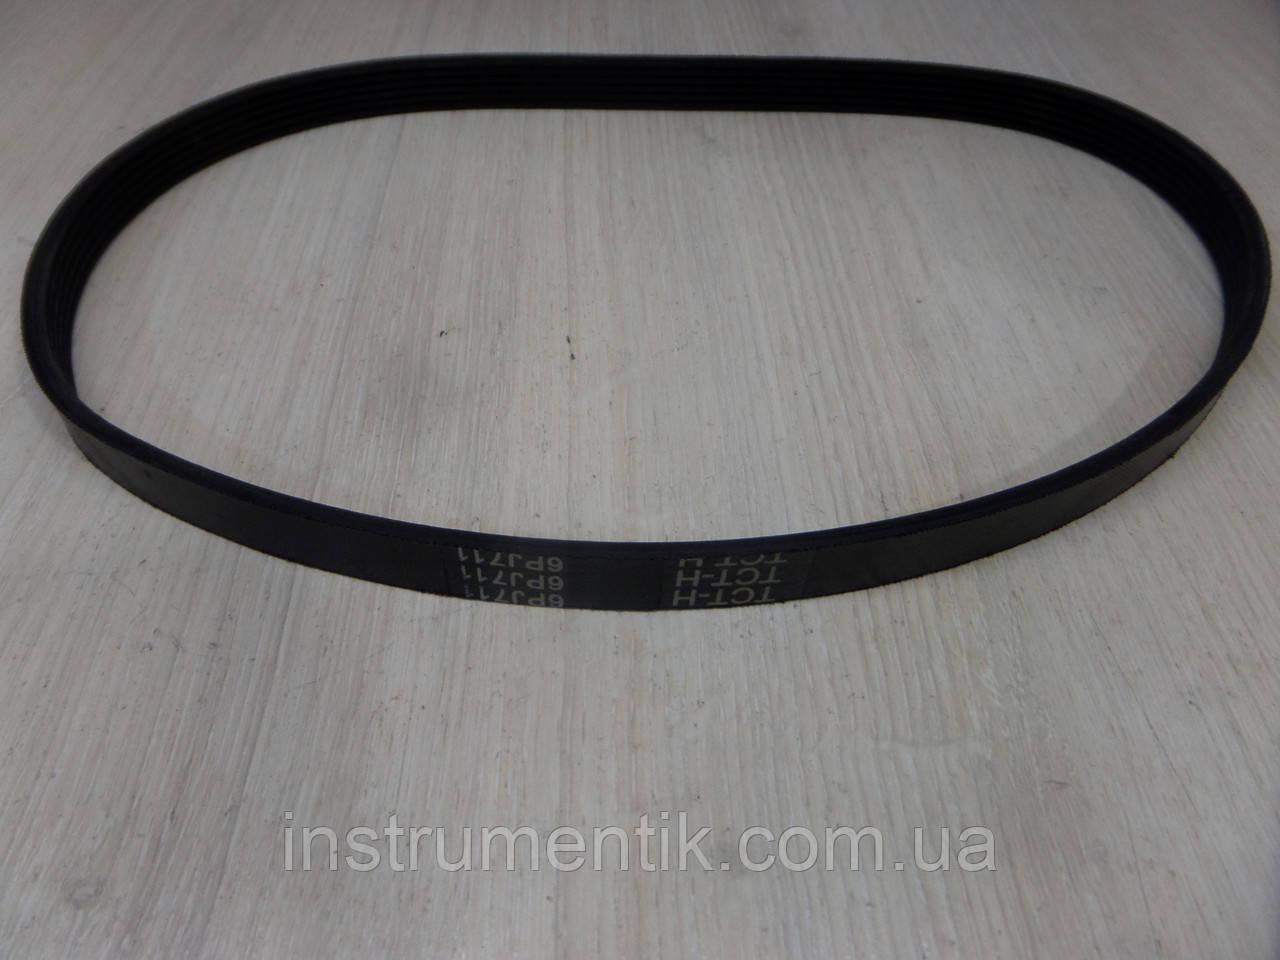 Ремінь до бетонозмішувача Agrimotor 130, 155, 190 л (номер 8PJ711) доставка по Україні